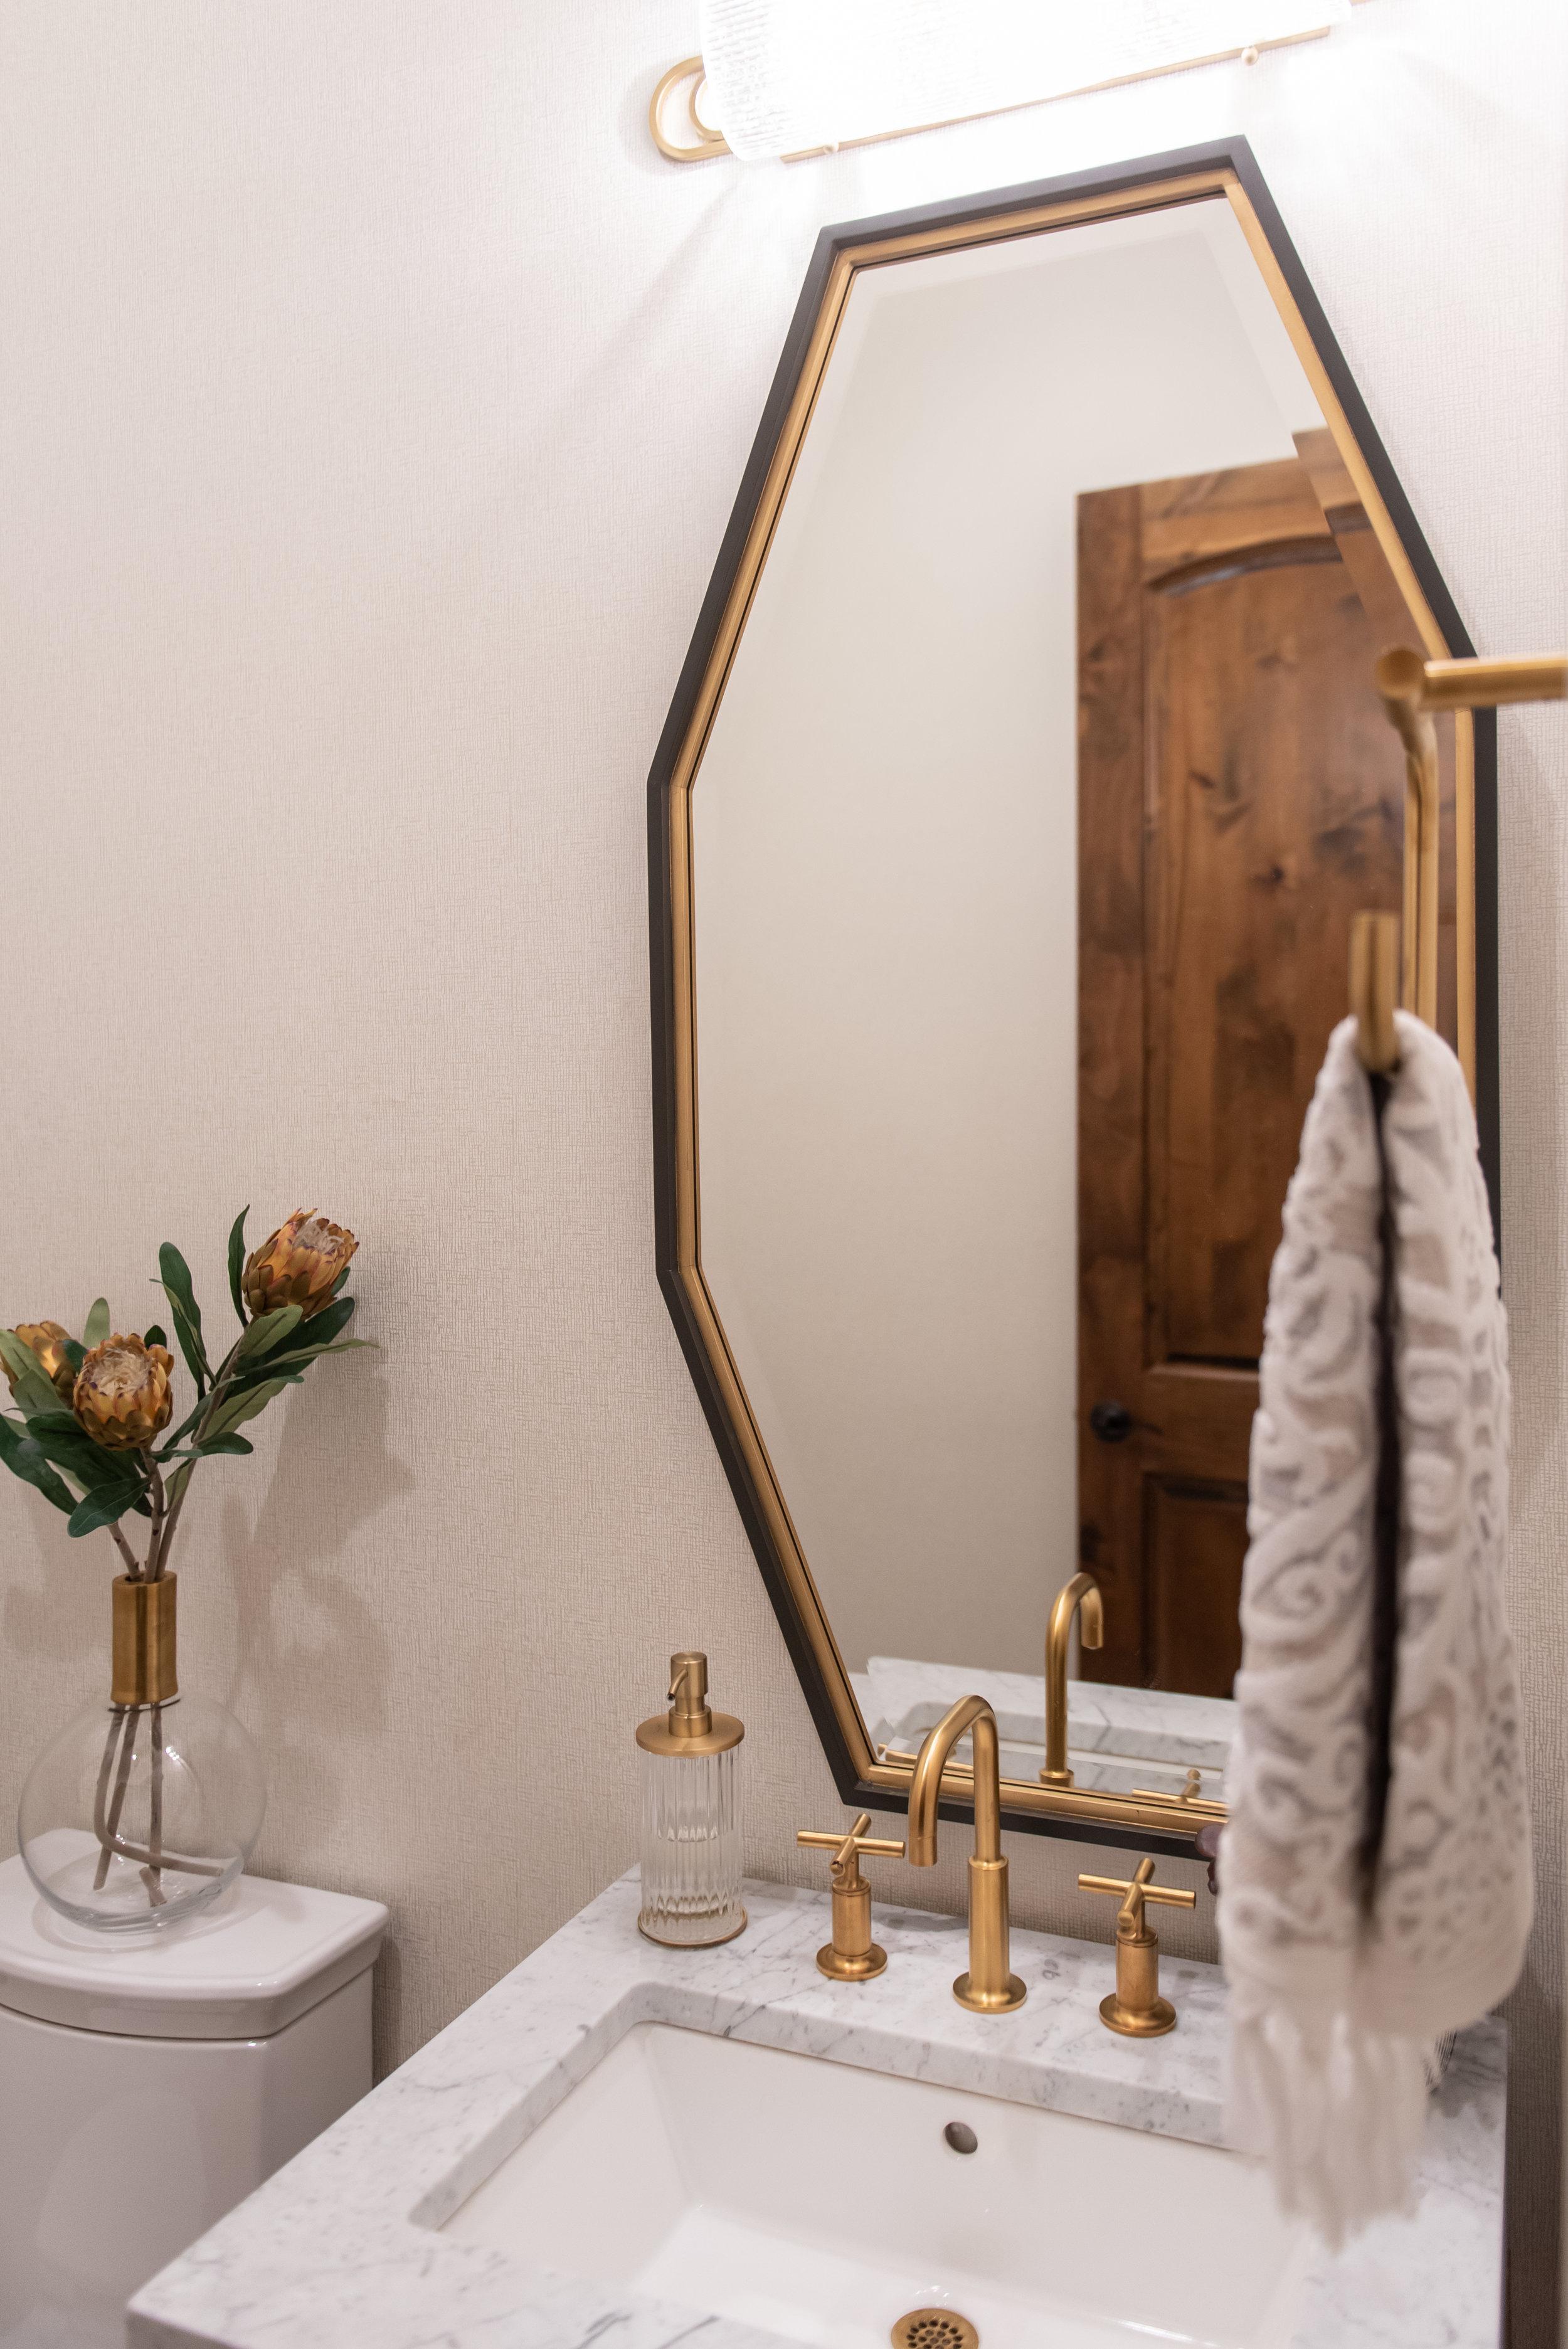 powderbath +octagon +brass +mirror.jpg